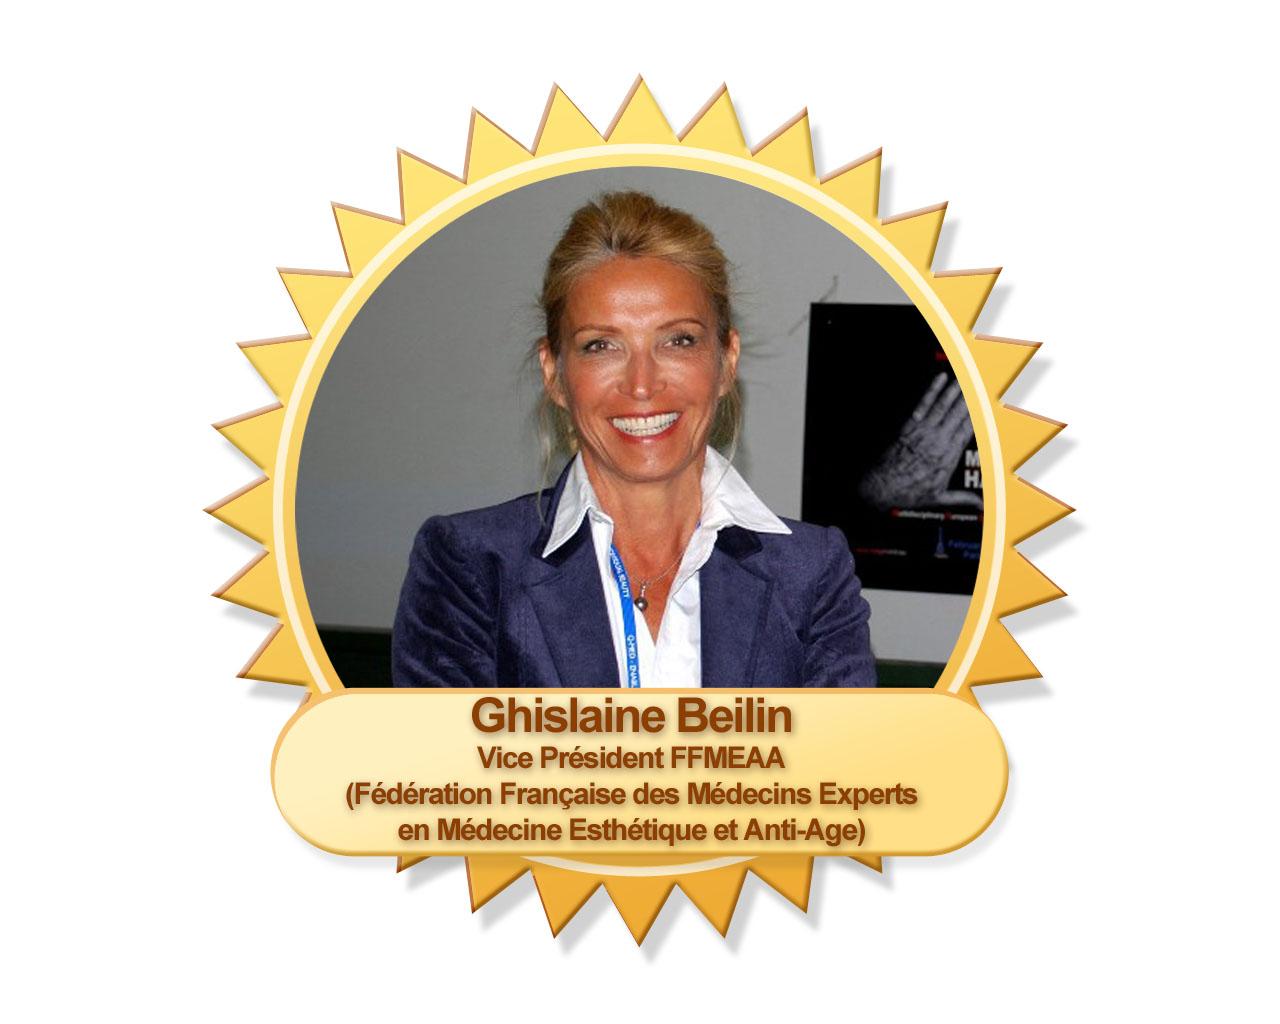 Ghislaine Beilin